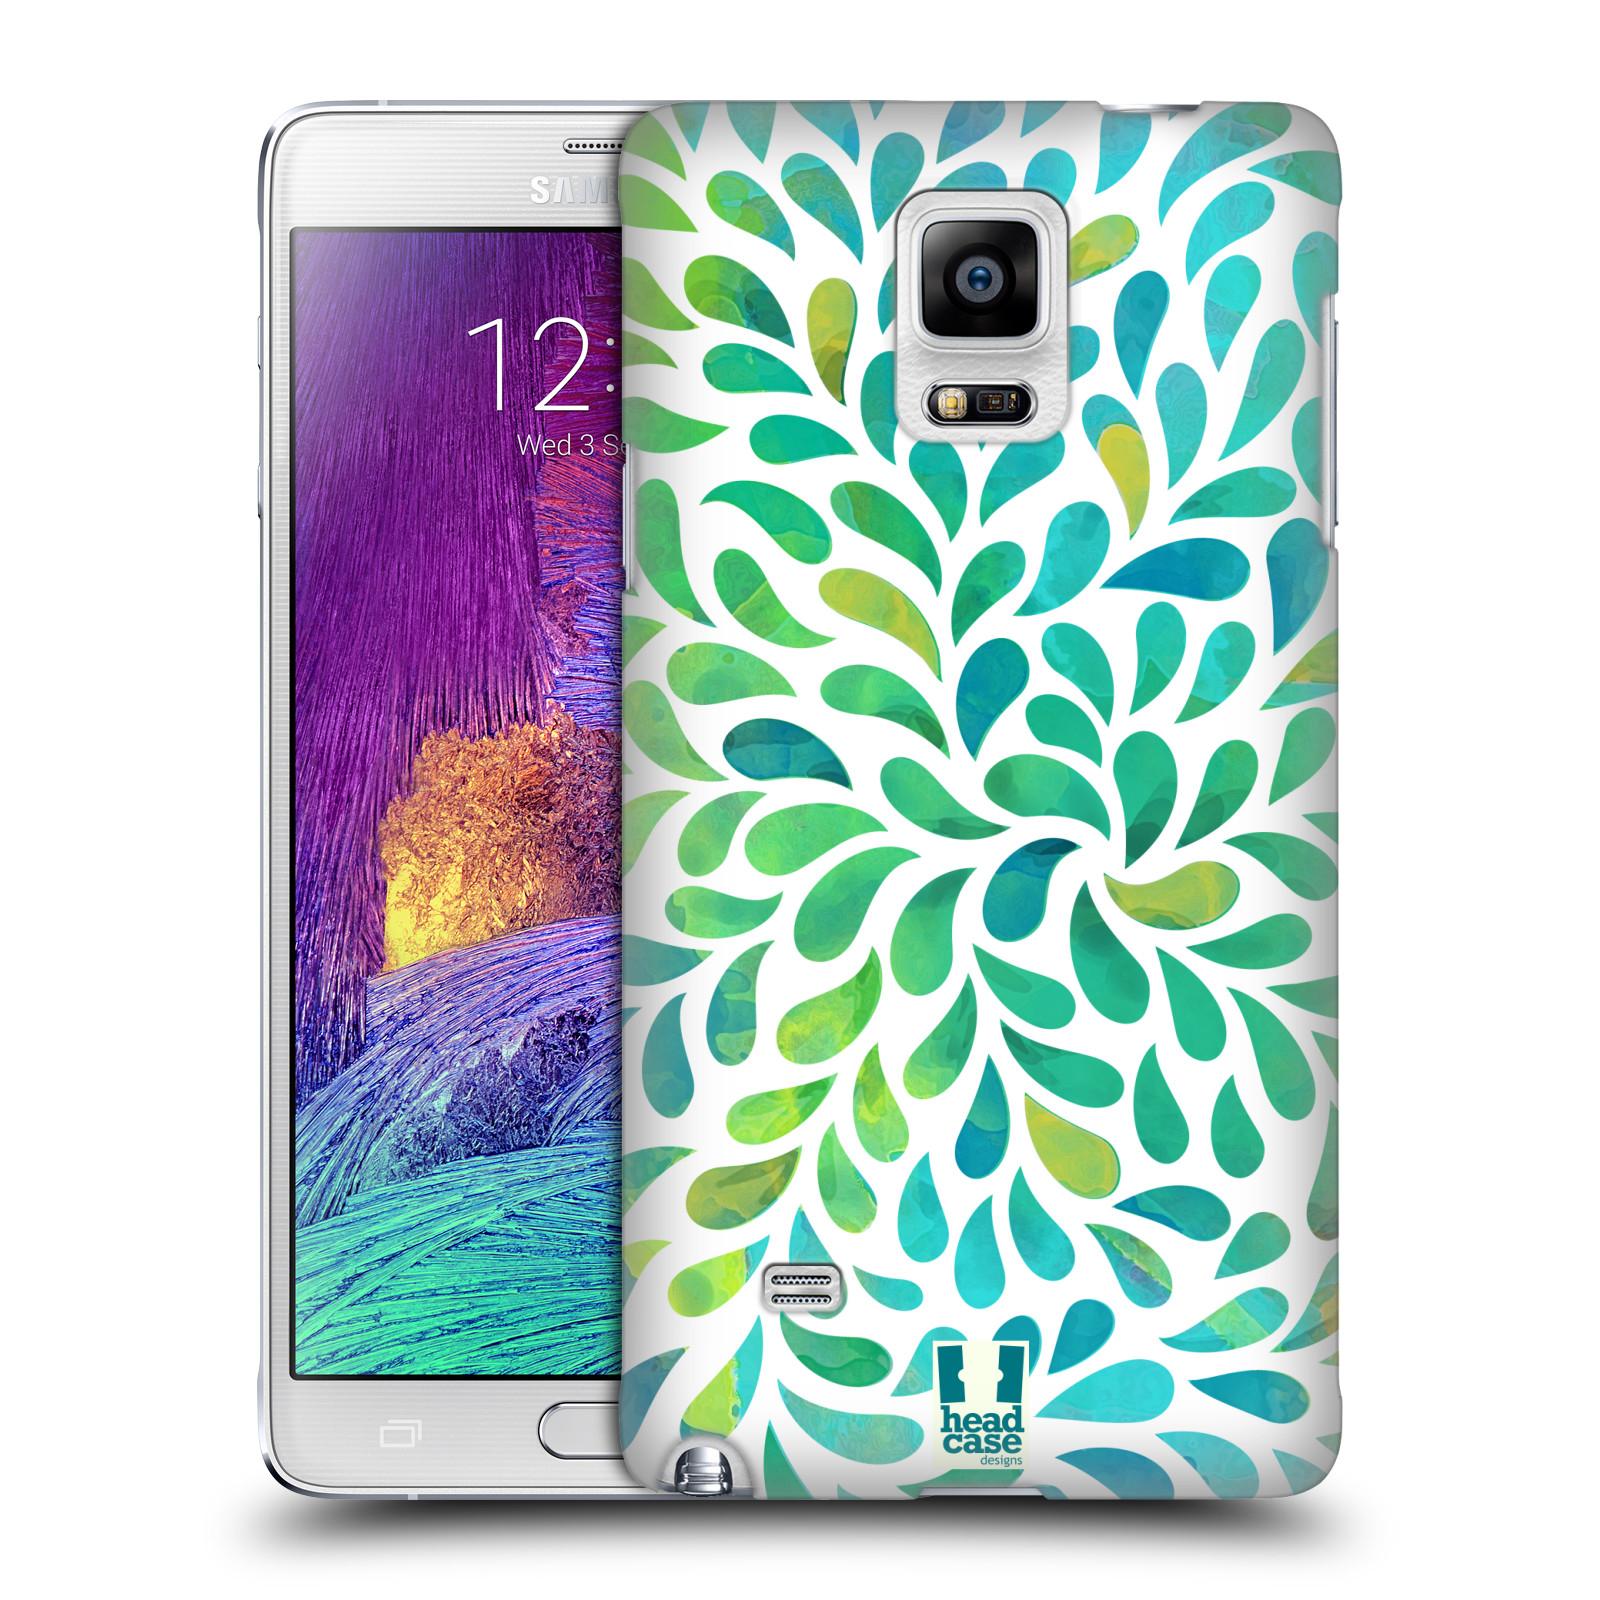 Plastové pouzdro na mobil Samsung Galaxy Note 4 HEAD CASE Droplet Wave Kapičky (Kryt či obal na mobilní telefon Samsung Galaxy Note 4 SM-N910F)